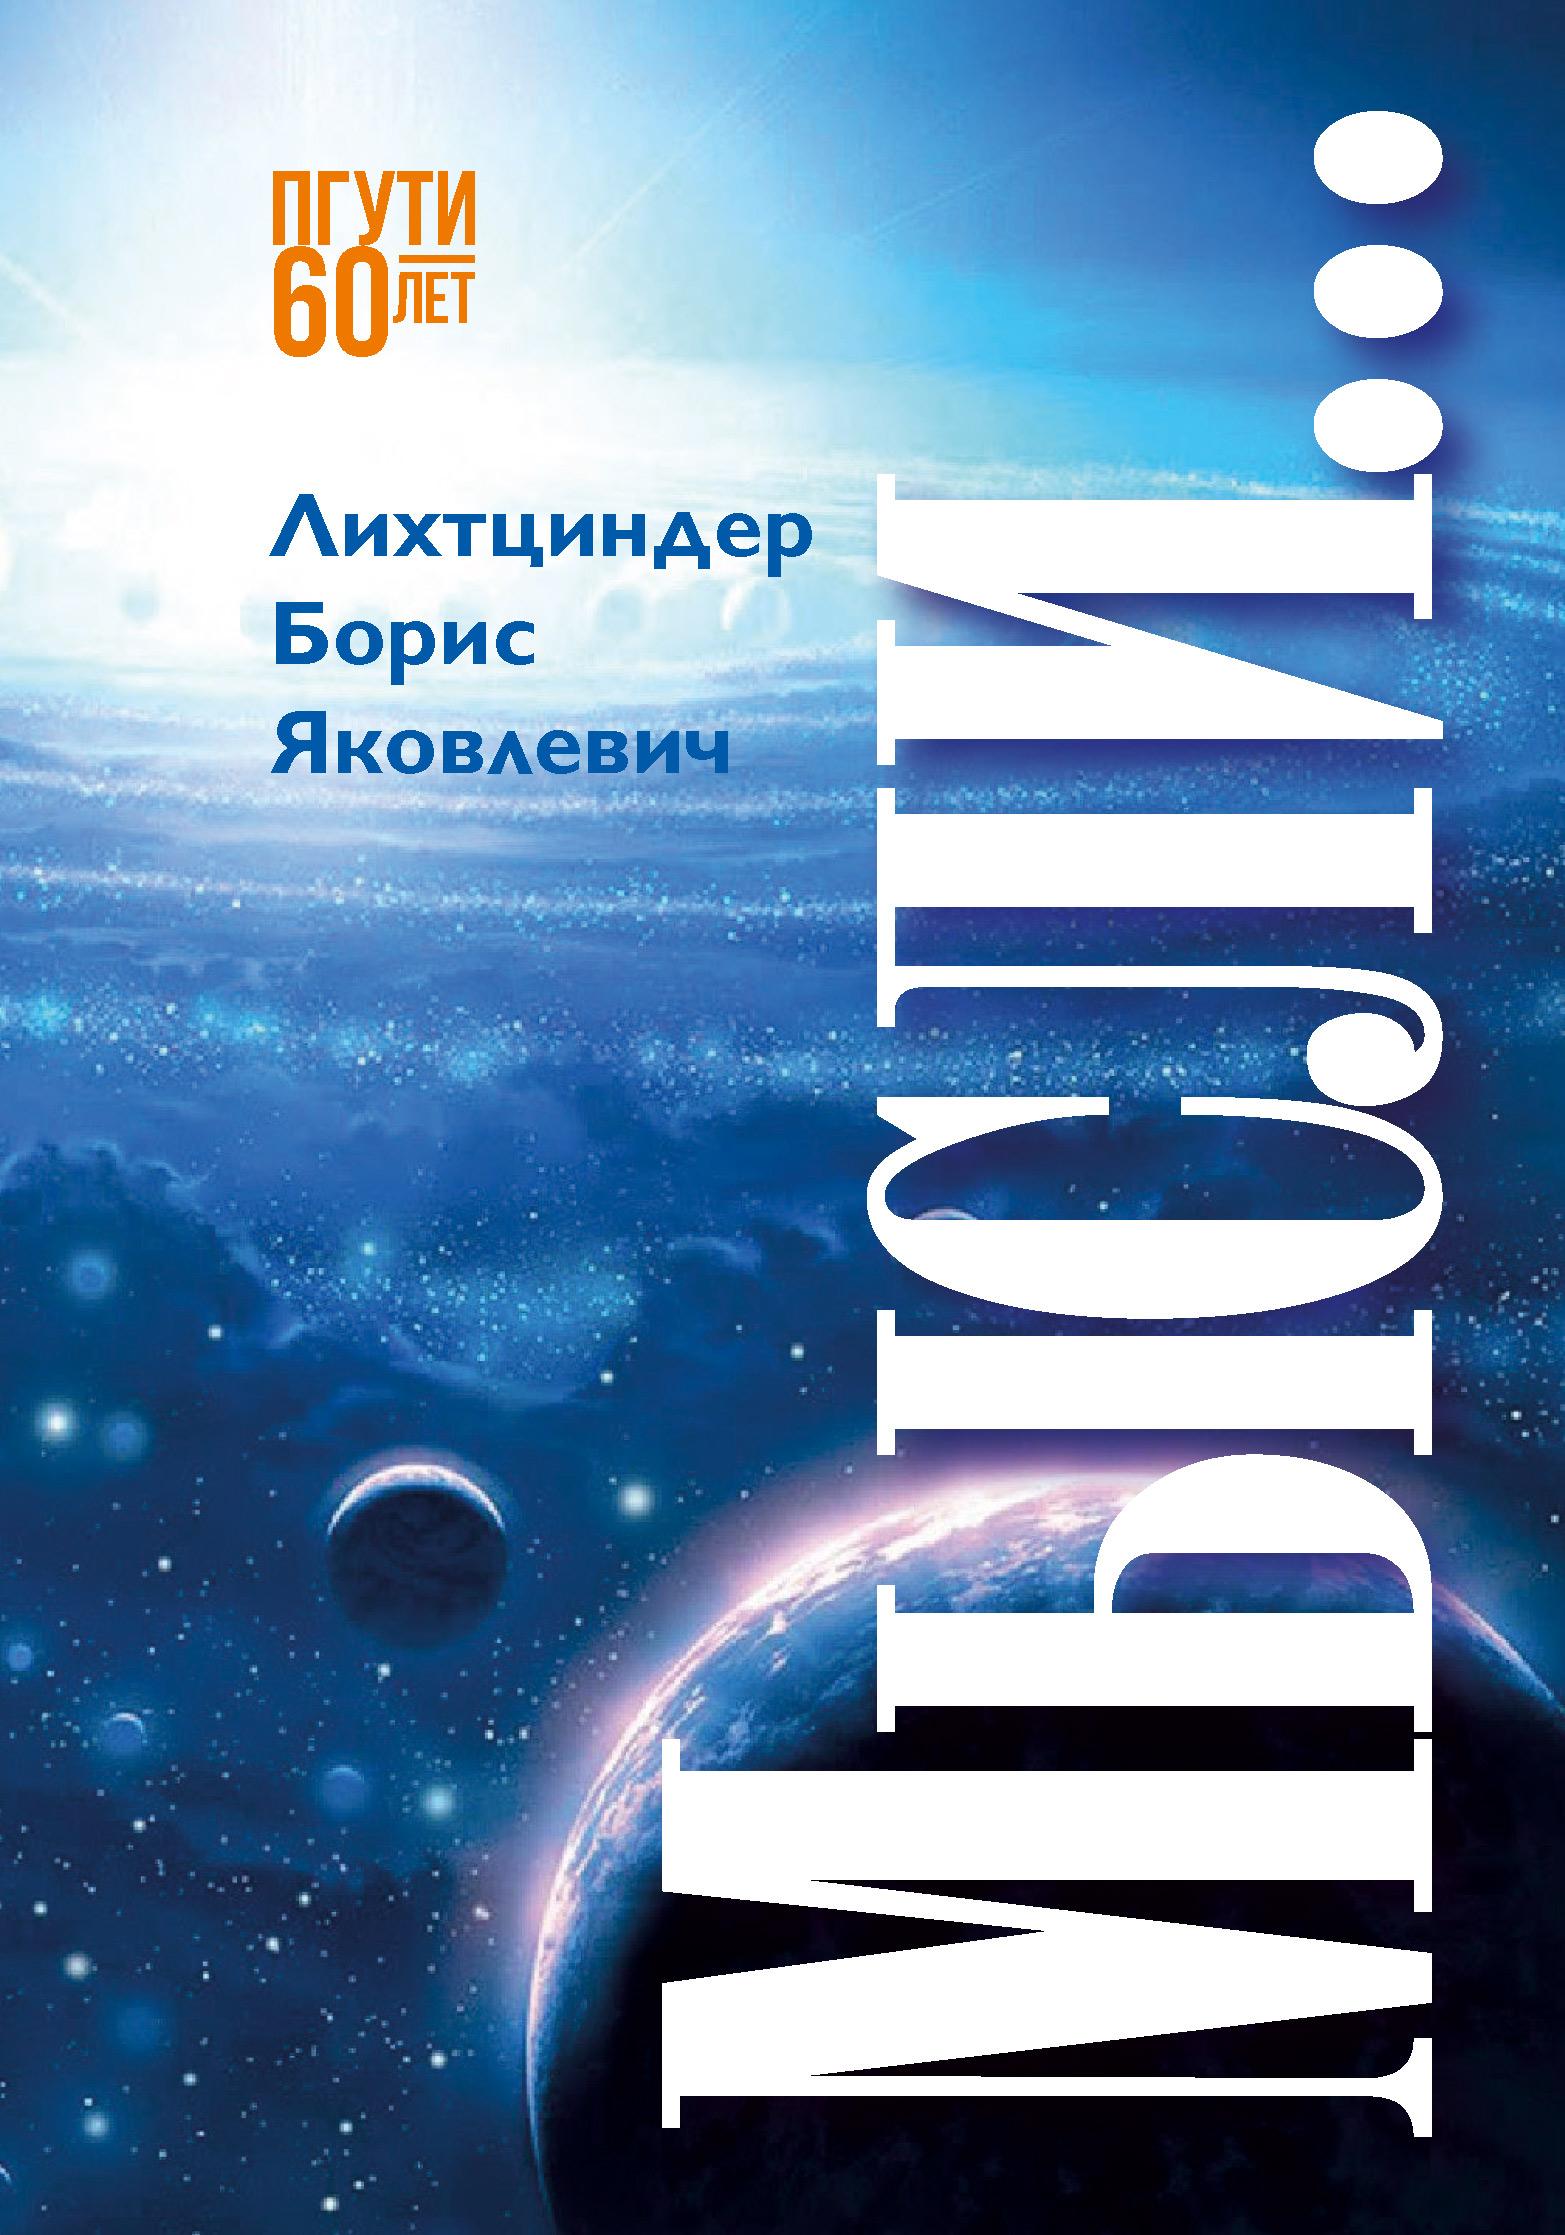 Борис Лихтциндер Мысли… открытка люблю не могу